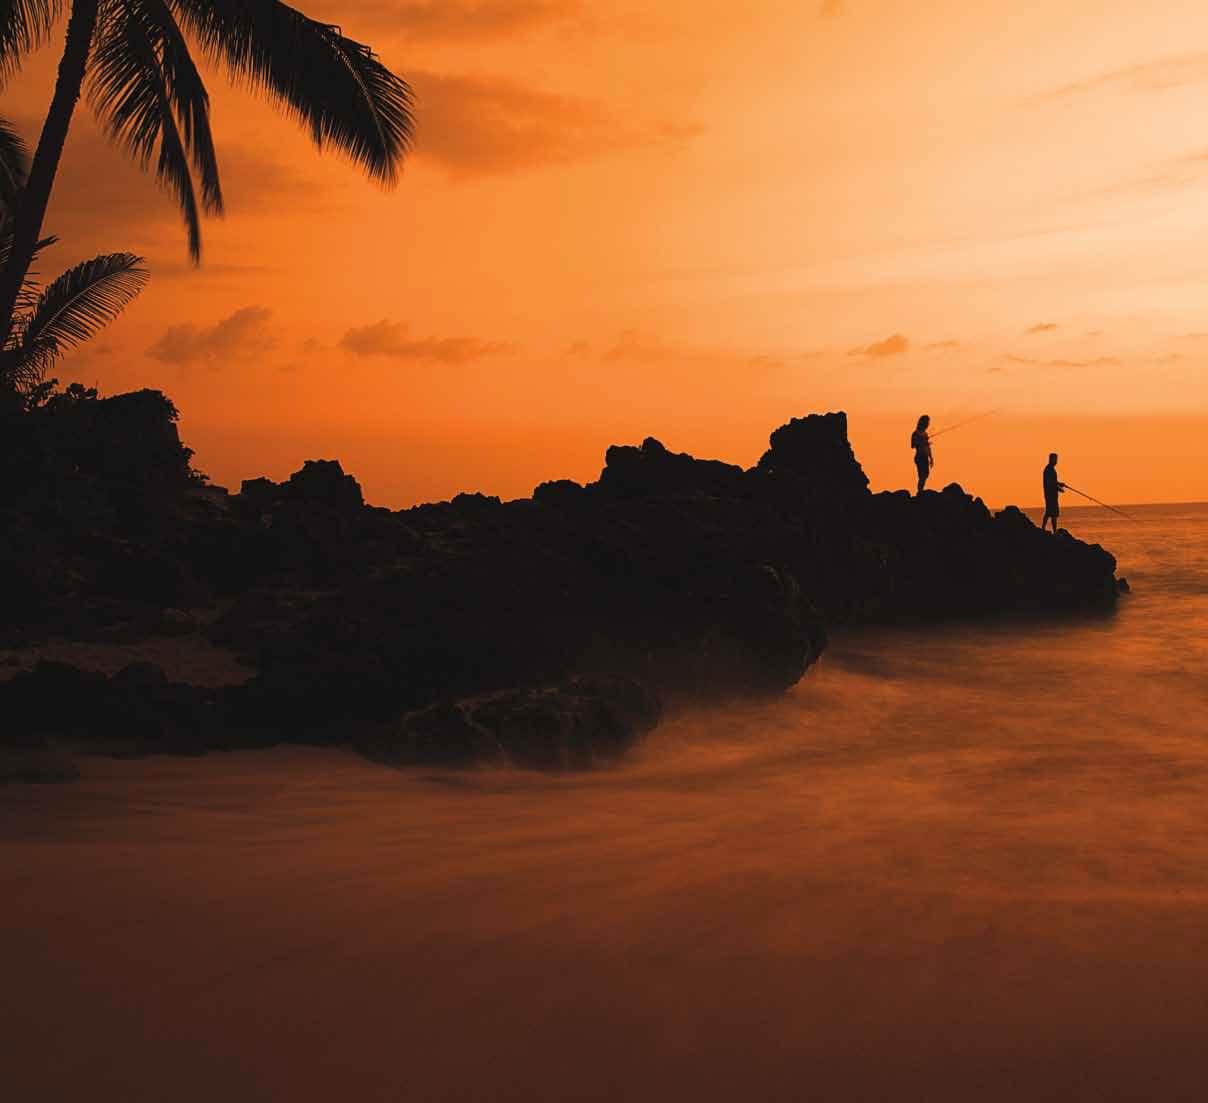 maui-fishing-shore-JPG.jpg